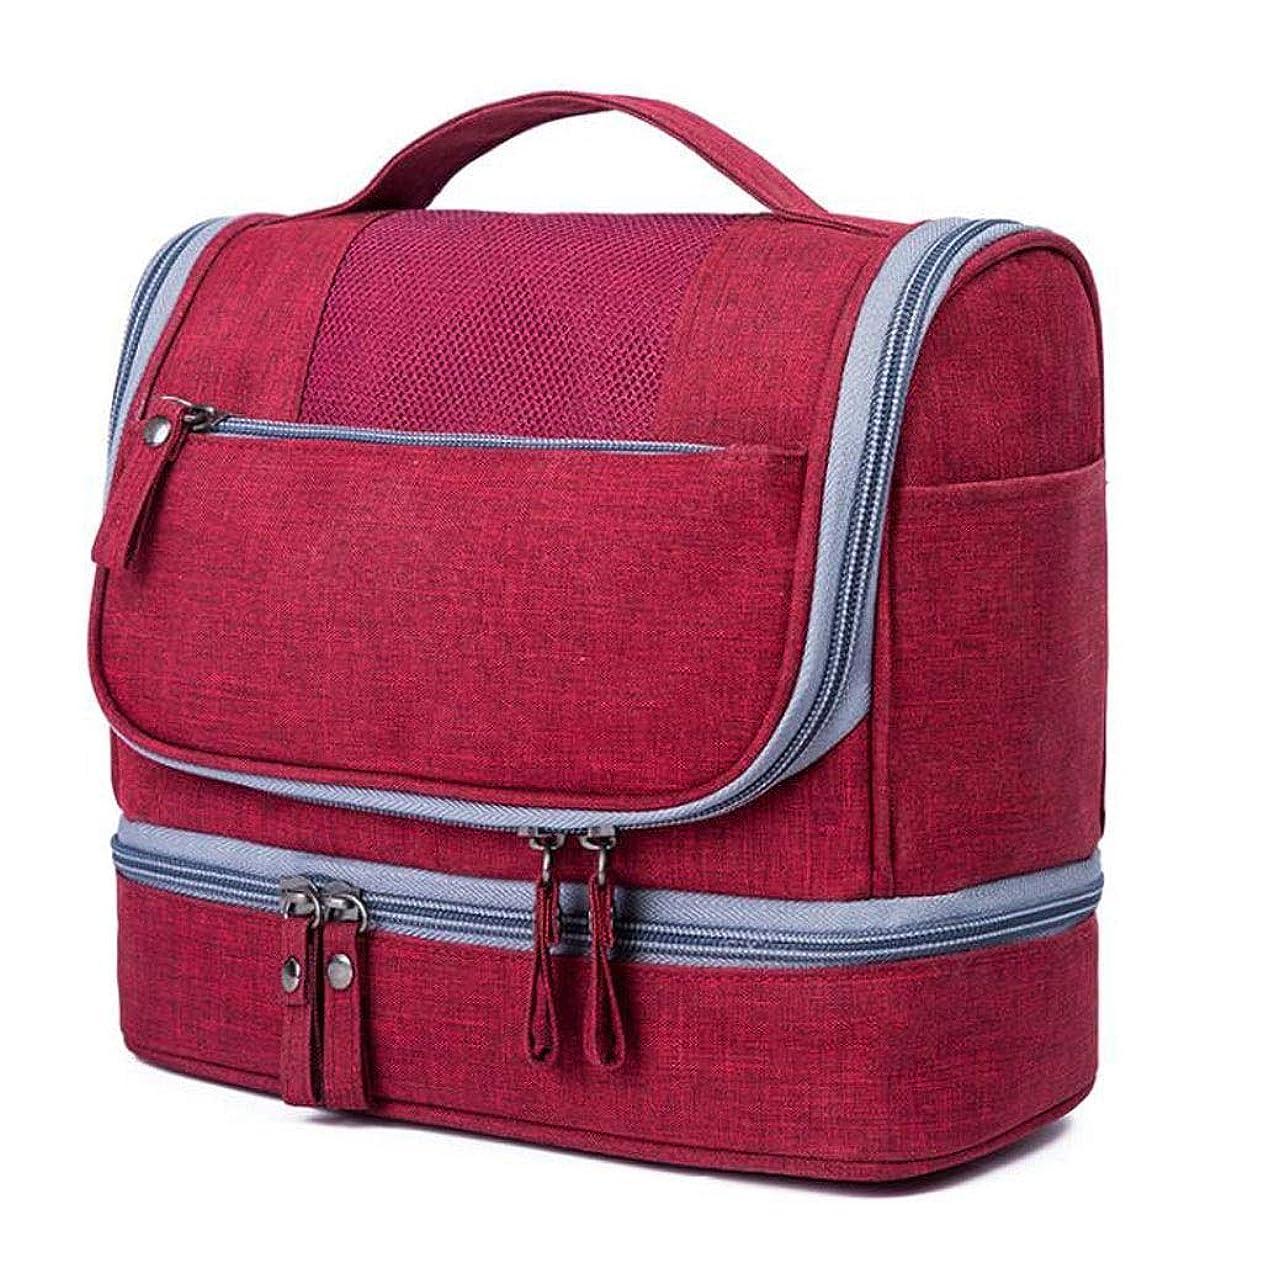 影響取り付け書く化粧品バッグ、旅行用化粧品収納バッグ、大容量防水乾湿両用分離バッグ、携帯用フックウォッシュバッグ (Color : Red, Size : One size)